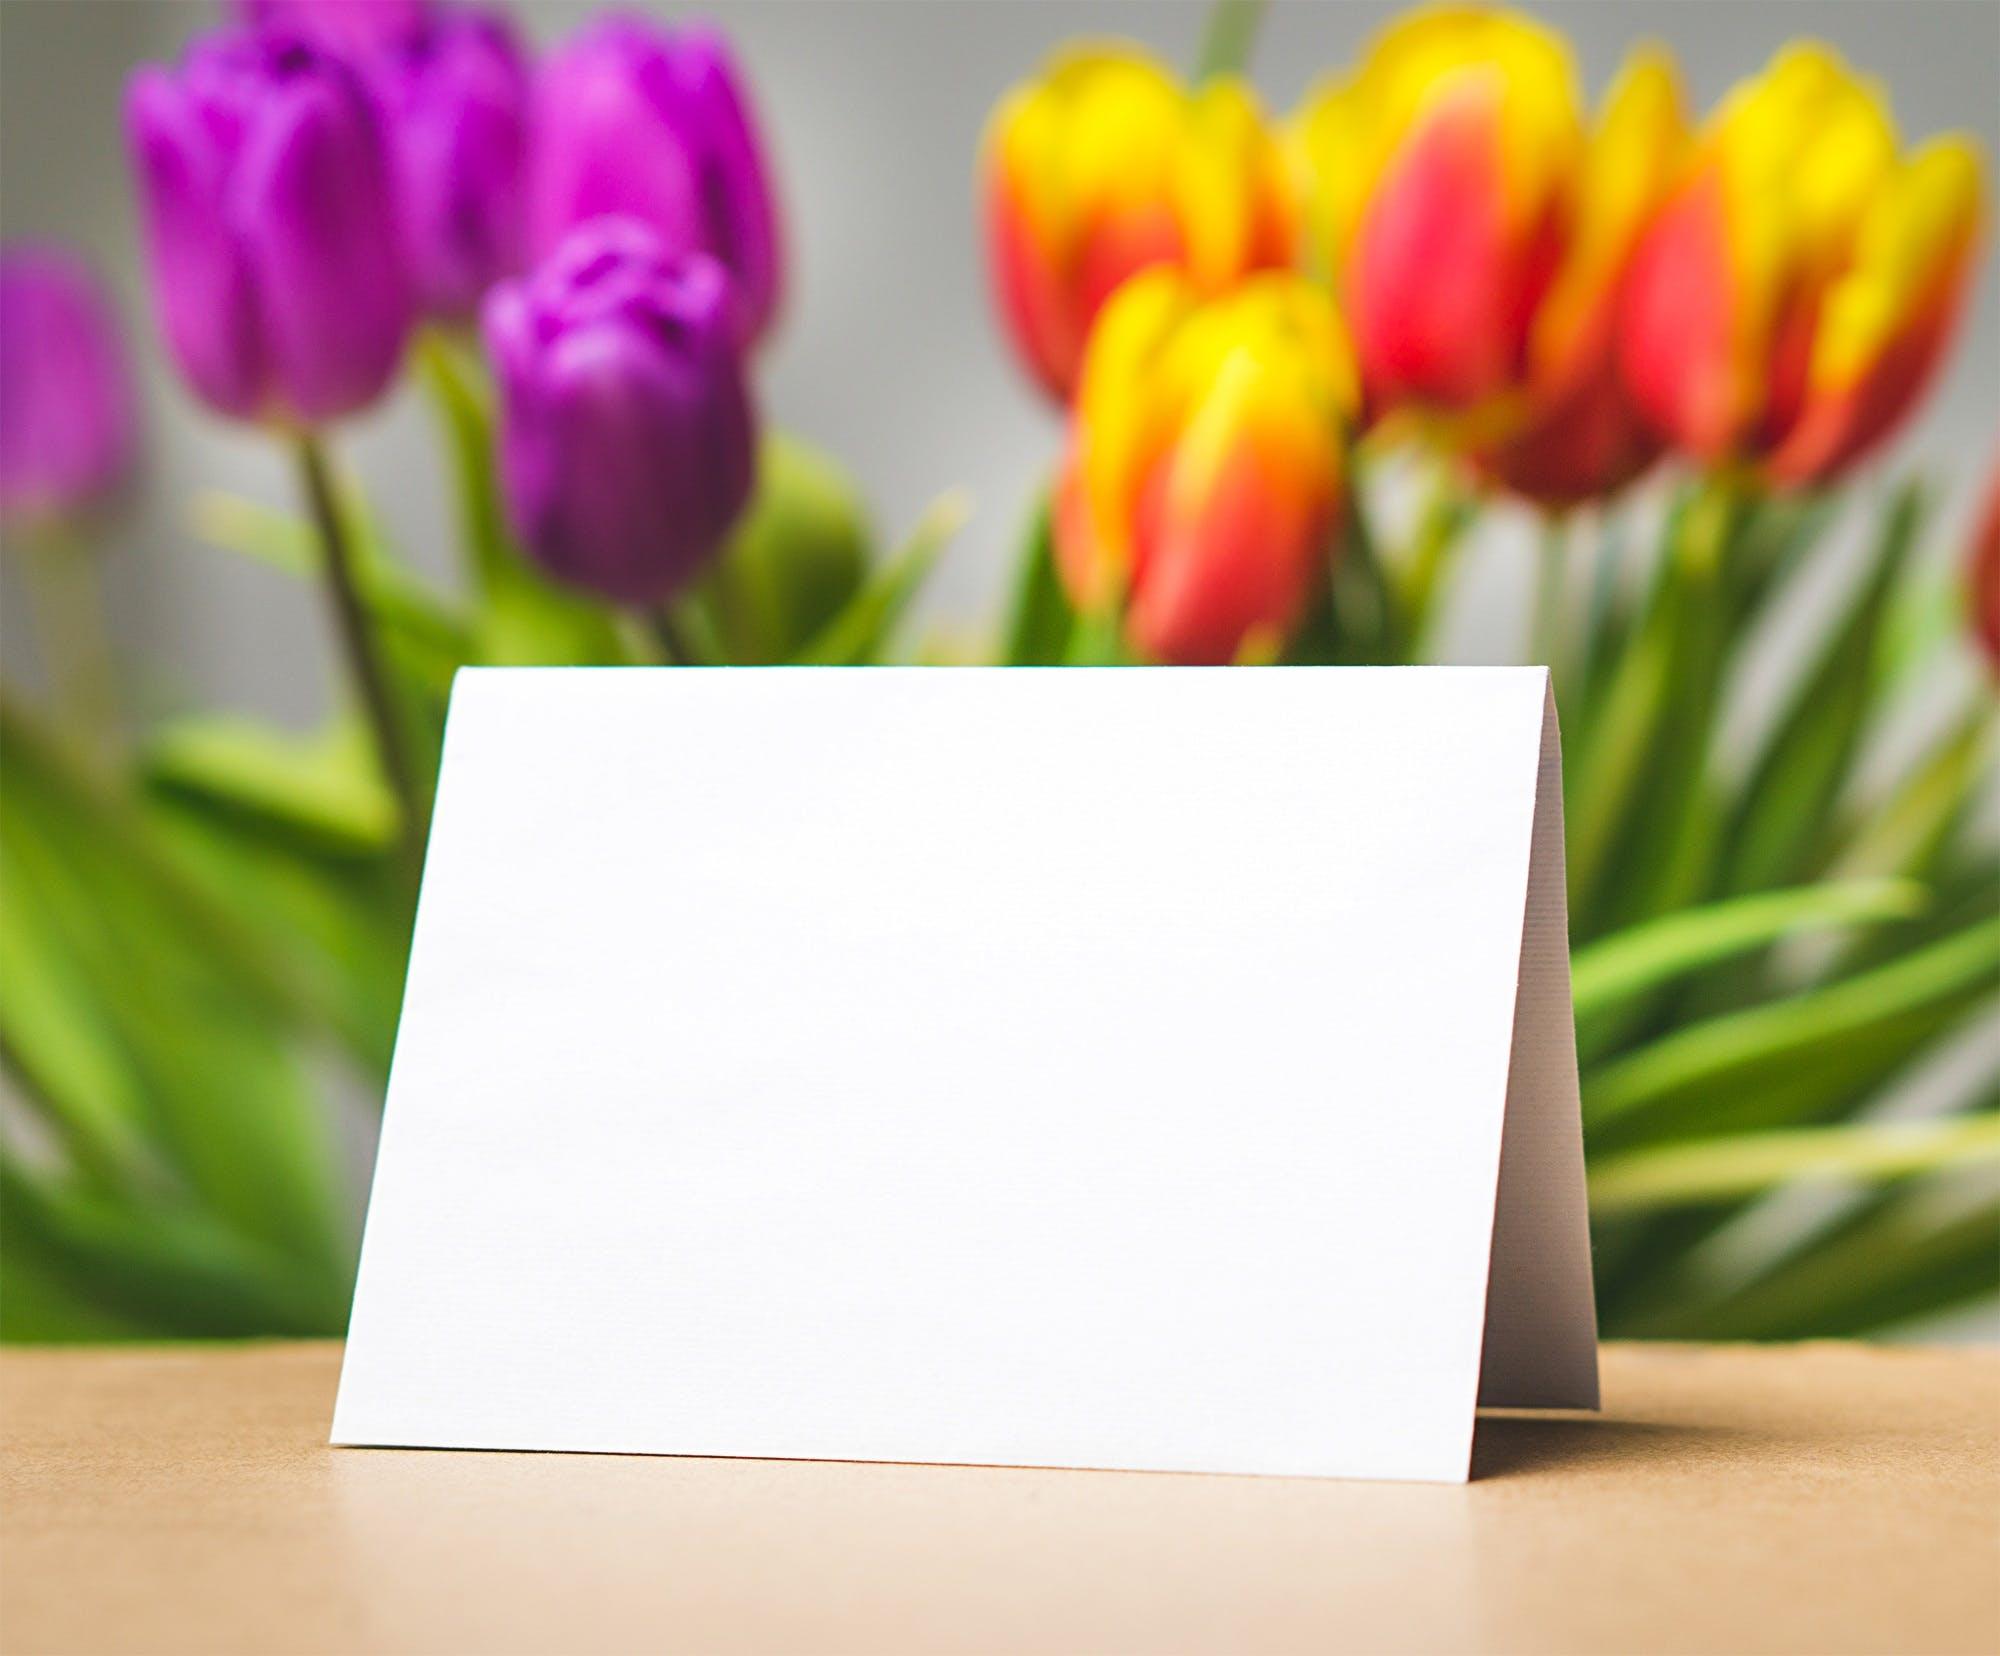 감사, 그리팅 카드, 꽃, 꽃이 피는의 무료 스톡 사진